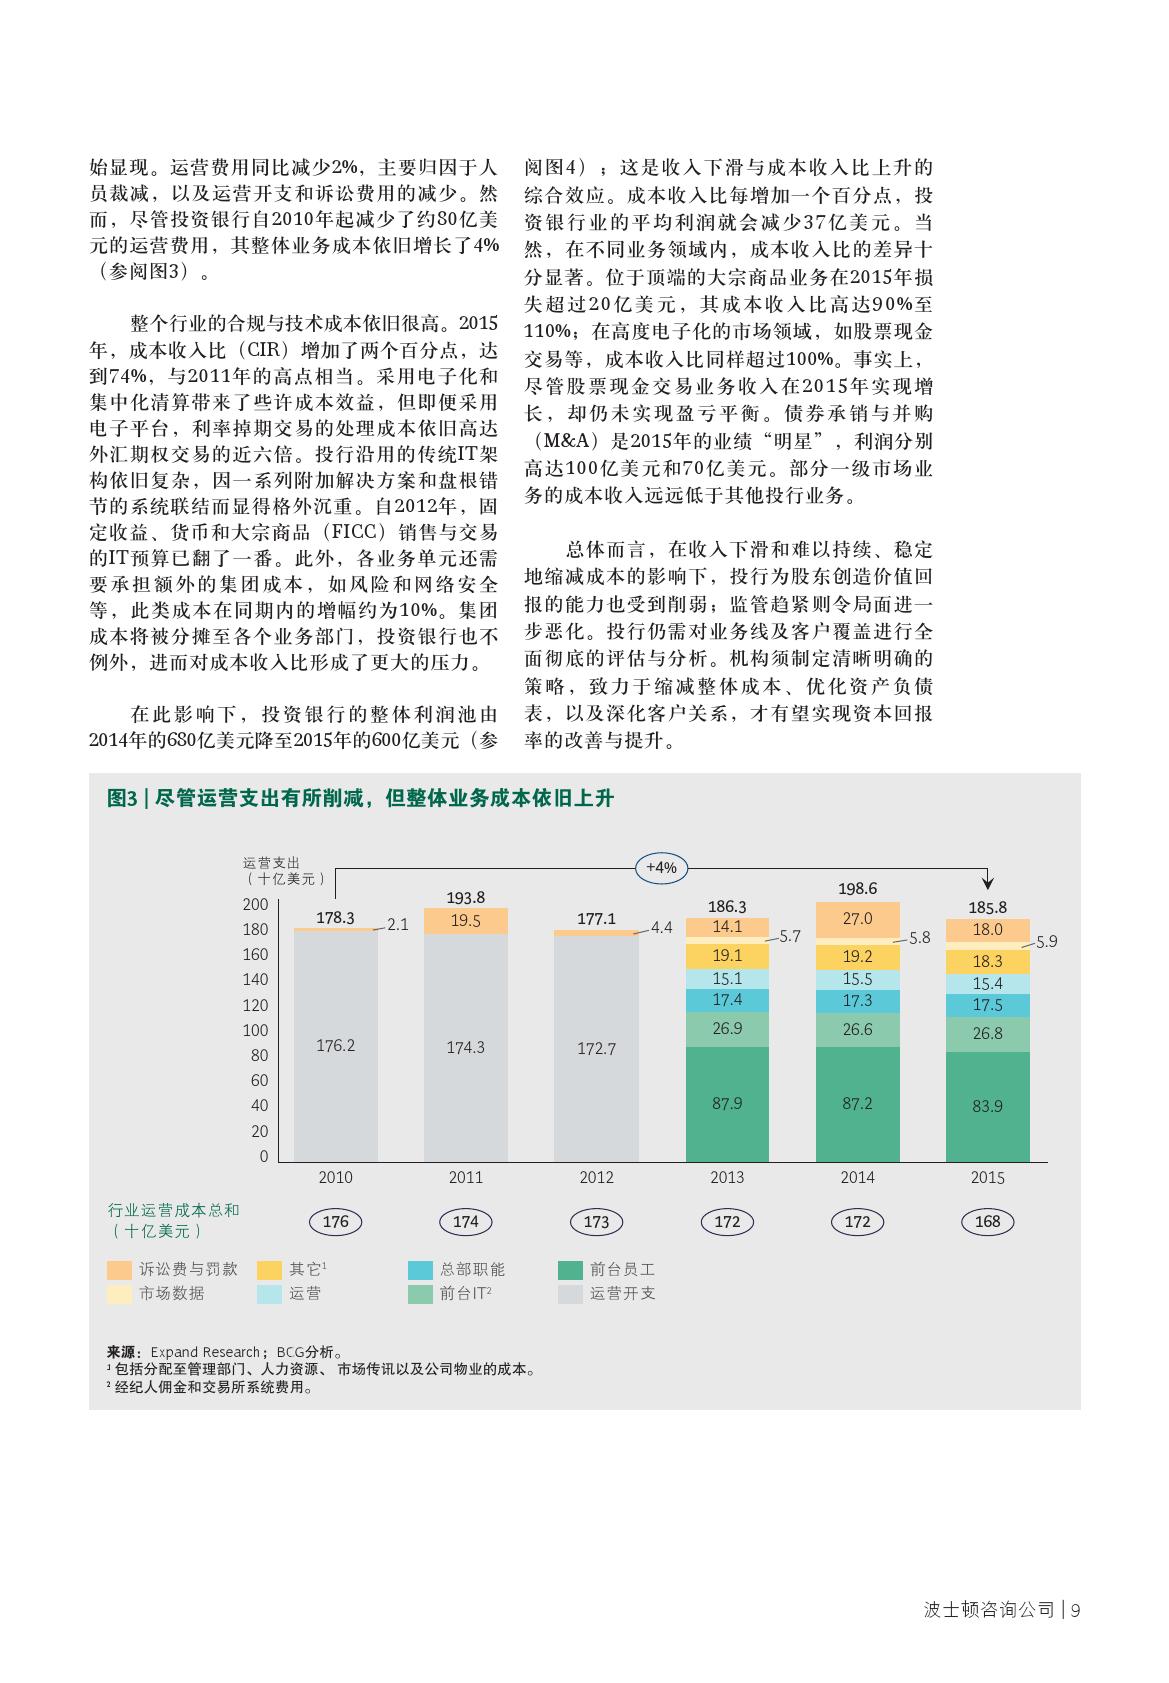 2016年全球资本市场报告_000011